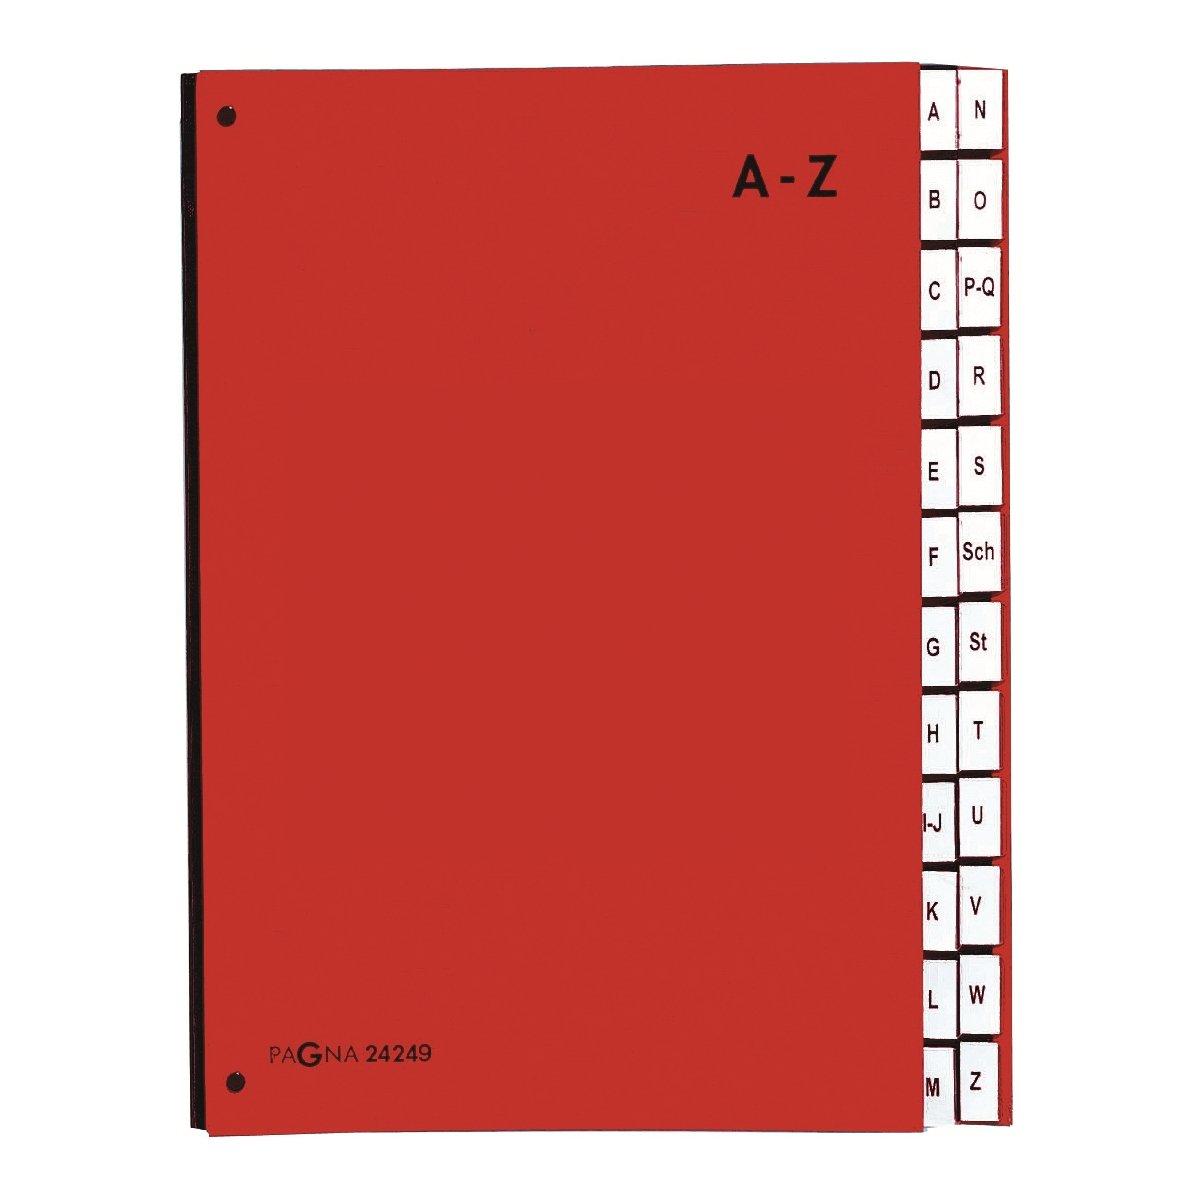 Pagna 24249-02 - Carpeta clasificadora (cartón, 24 separadores, letras A-Z, 3 agujeros), color azul: Amazon.es: Oficina y papelería